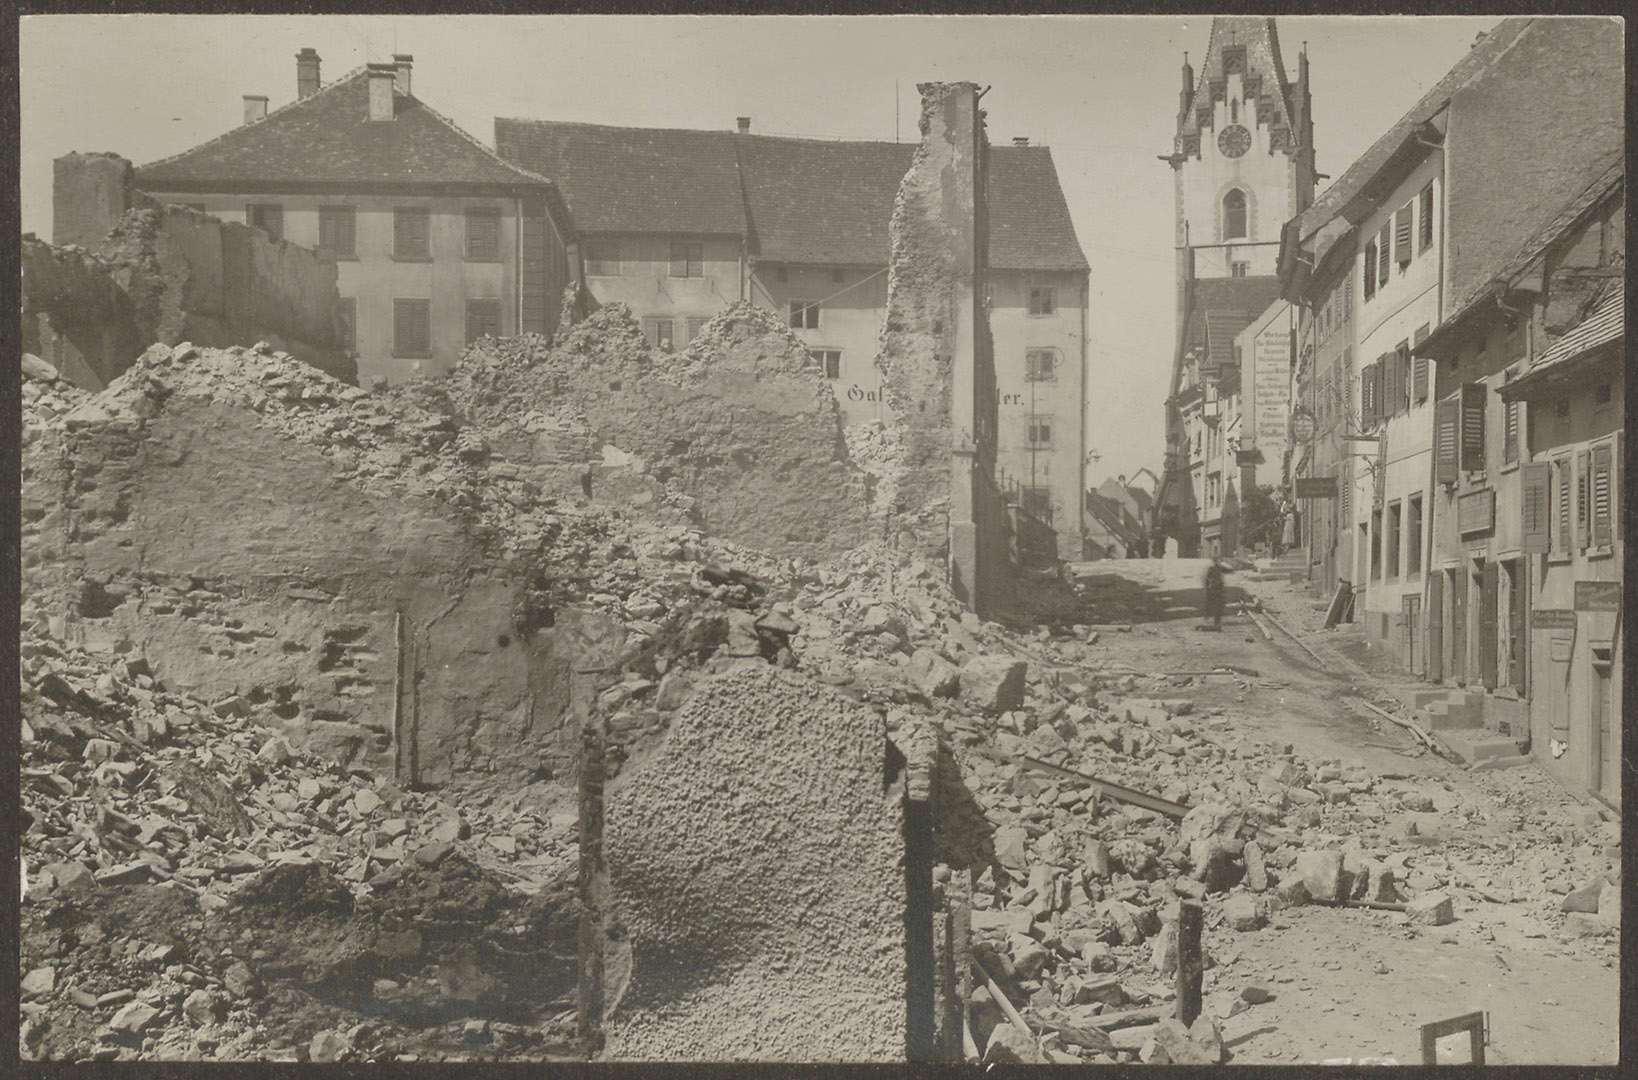 [Engen nach dem Stadtbrand vom 4. Juli 1911, im Hintergrund Pfarrrkirche], Bild 1